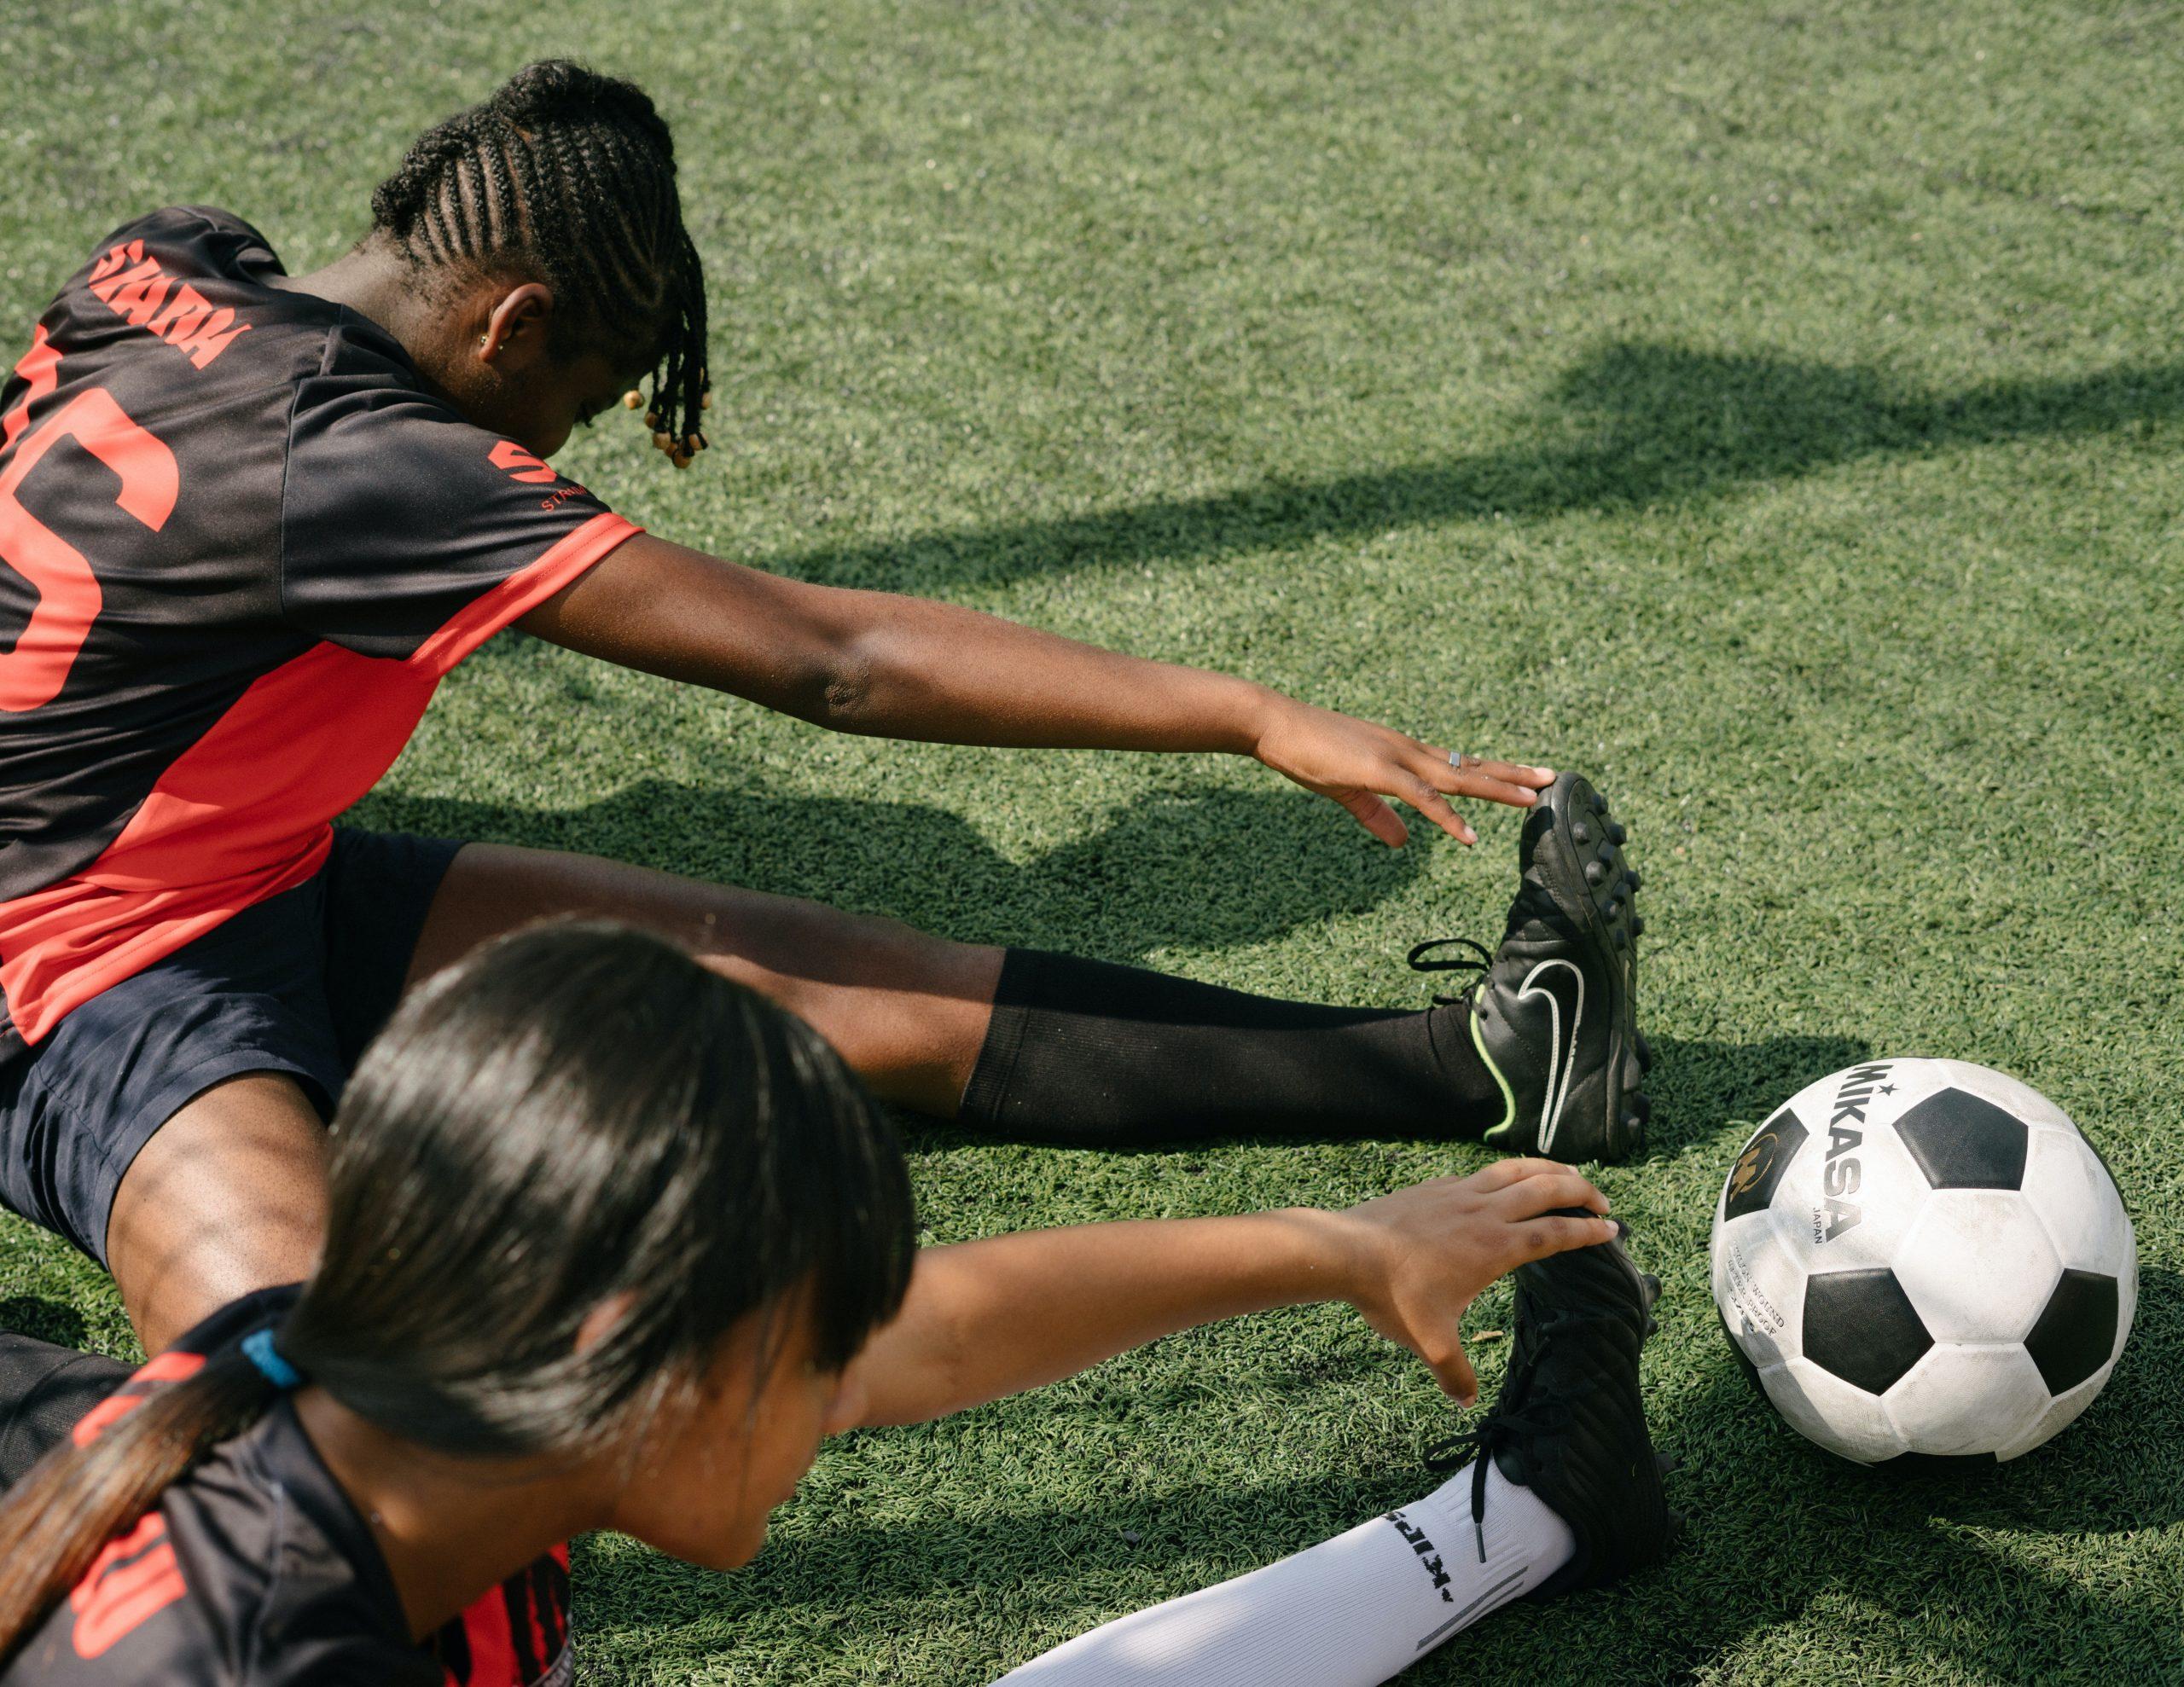 Foto mostra duas meninas se alongando para uma partida de futebol